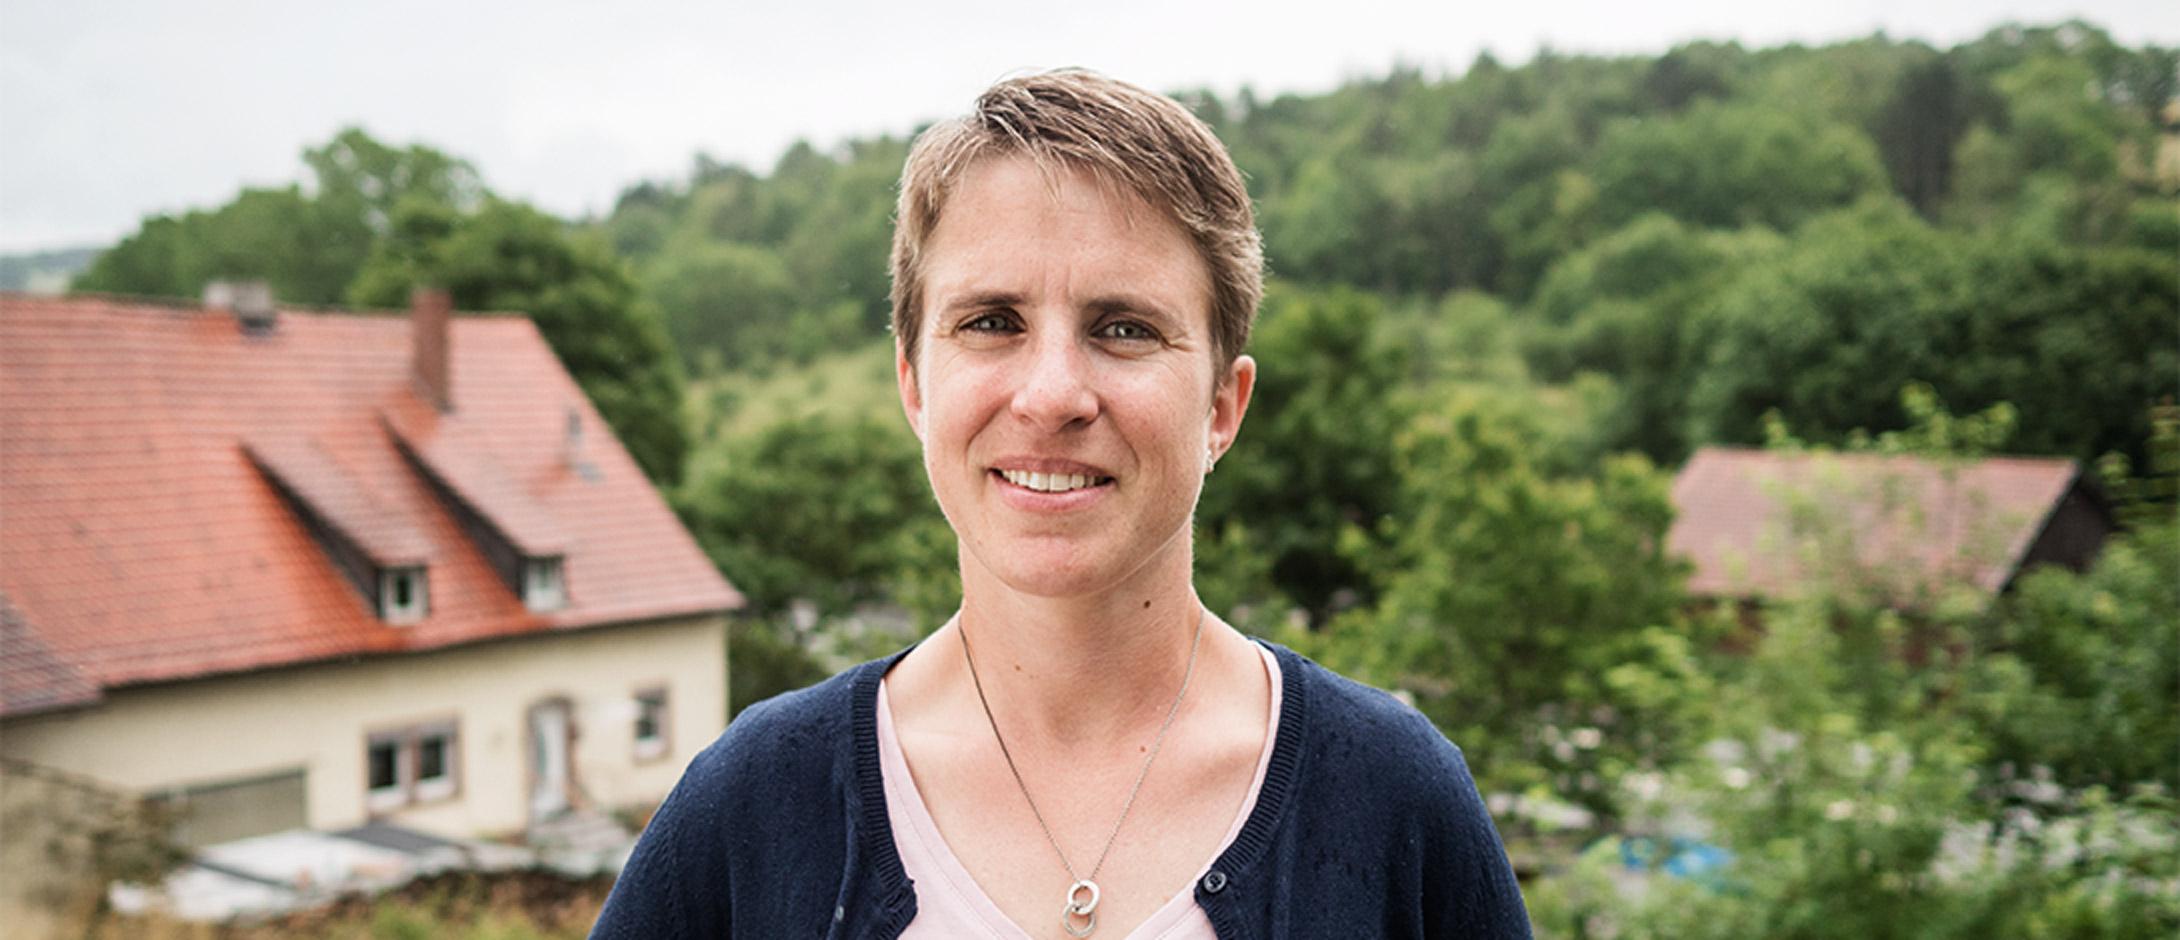 PRIMAGAS Referenzkundin Janine Schmitt